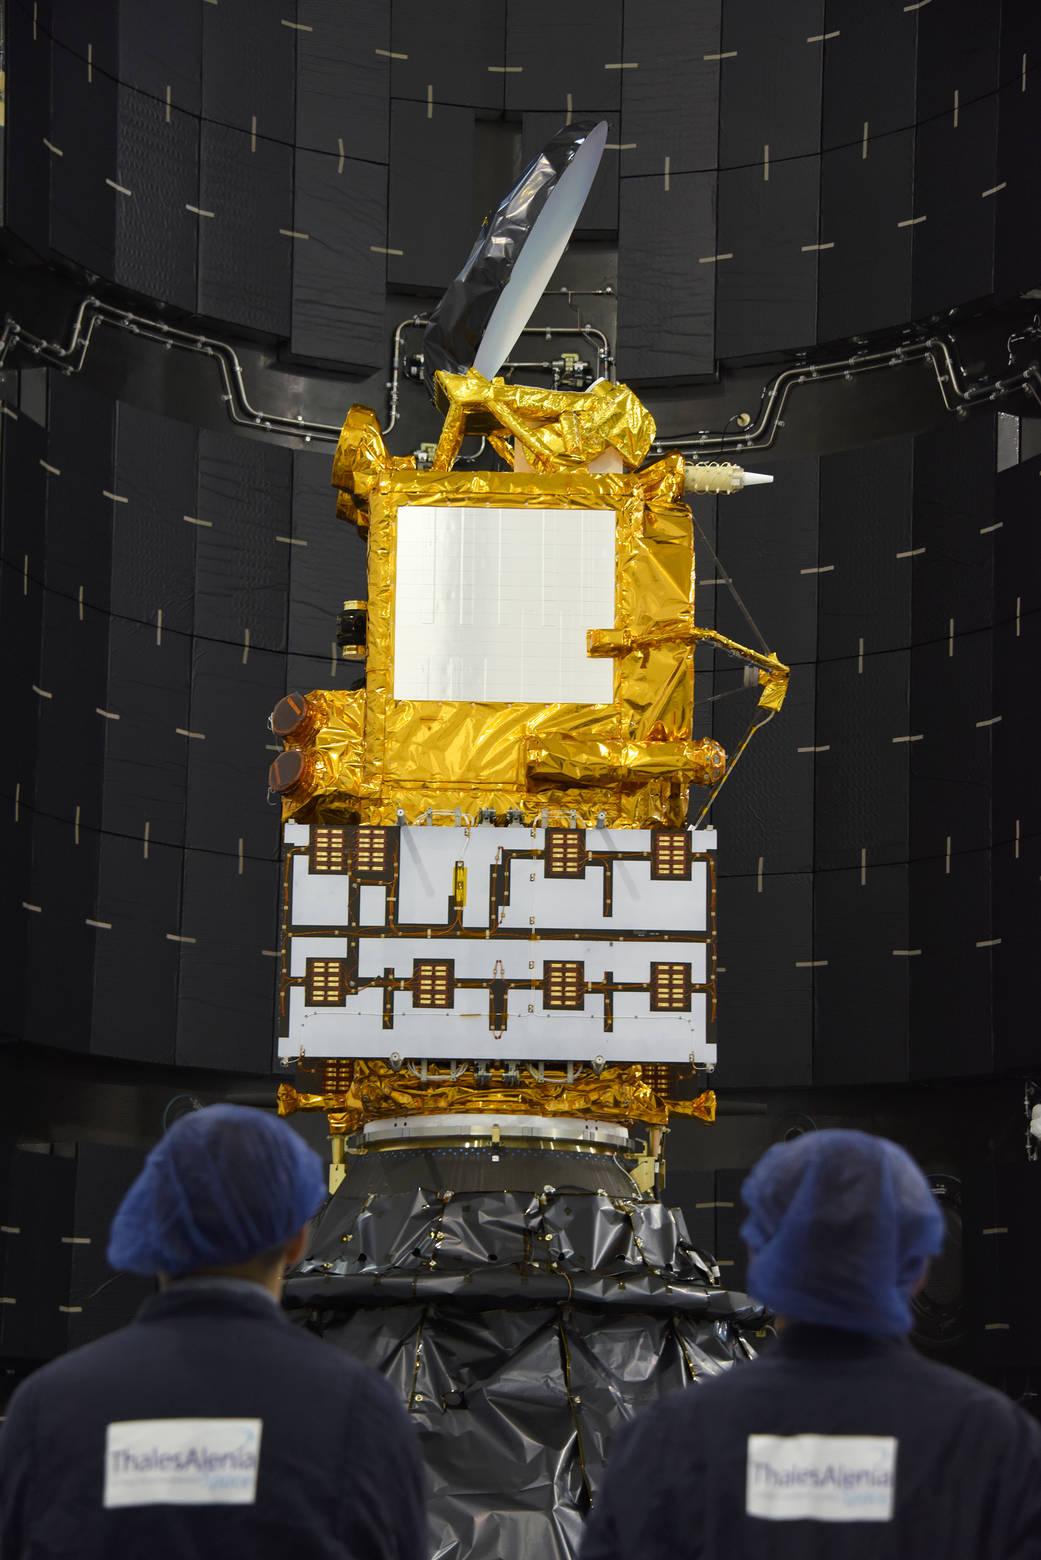 2016.1.16:ジェイソン3衛星の打ち上げ準備